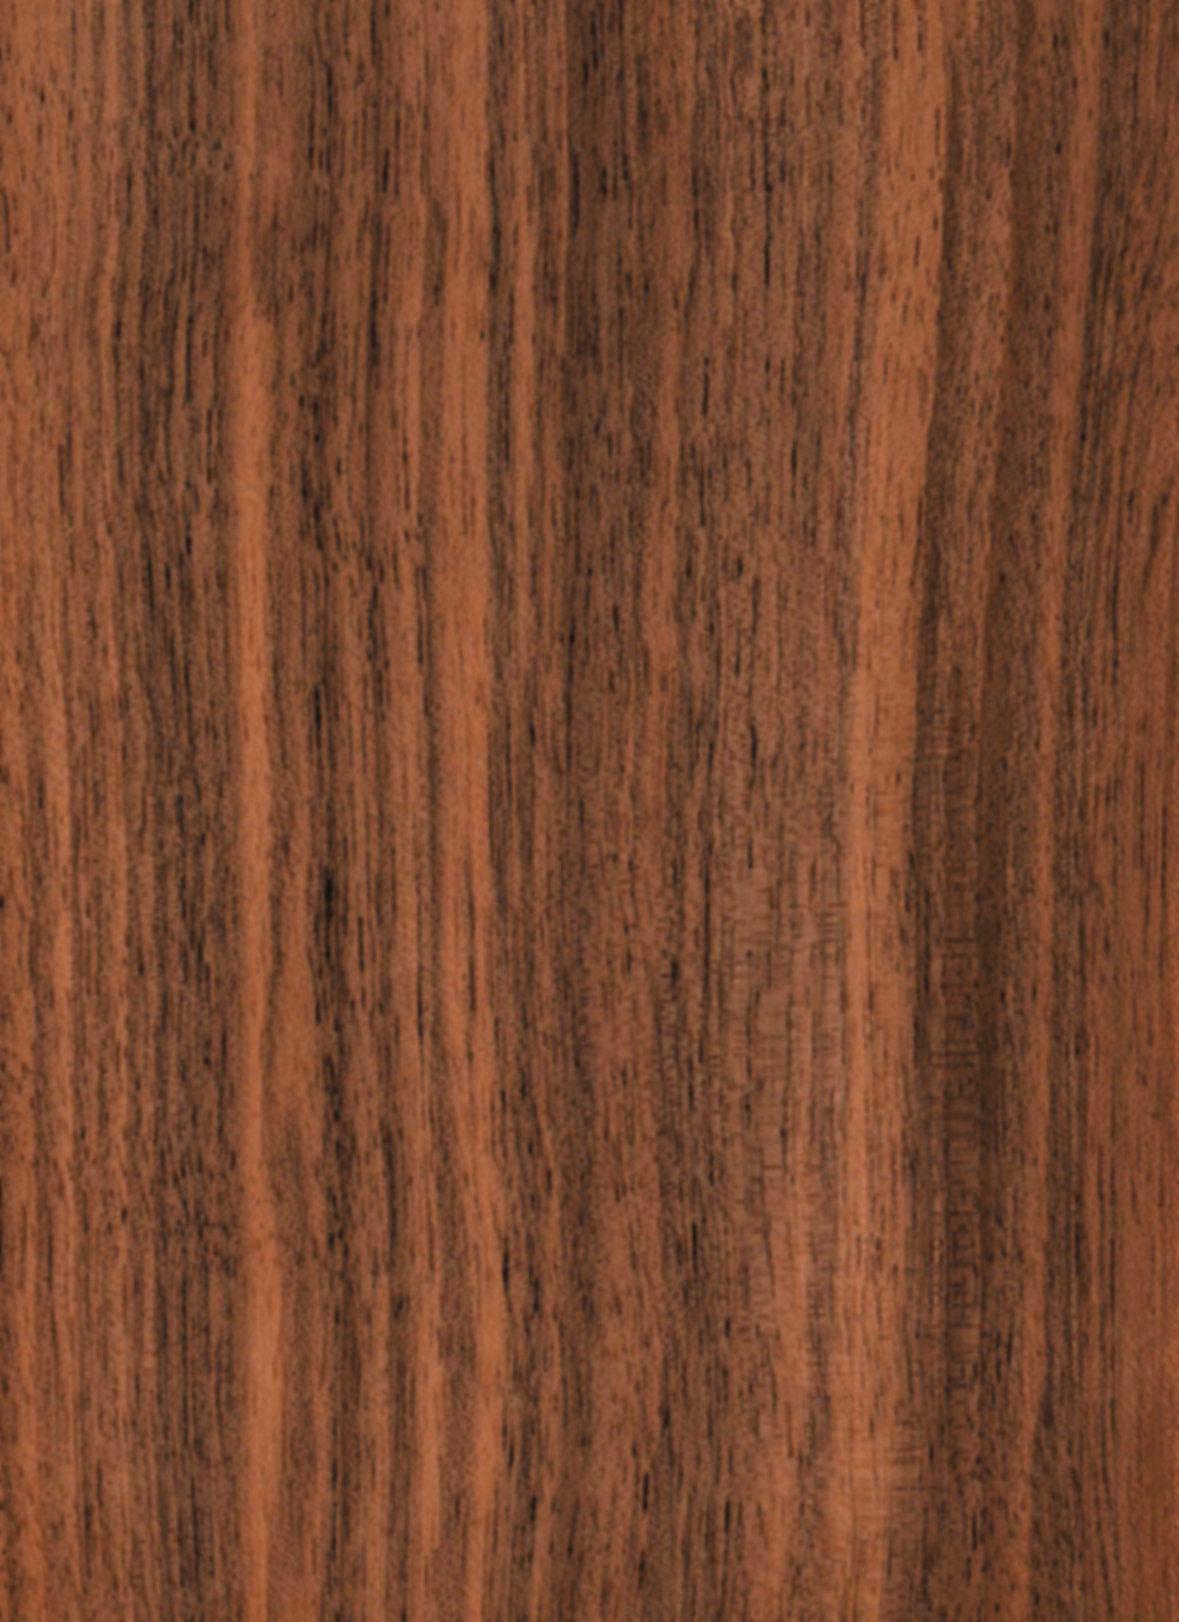 fond bois foncé réduit.jpg